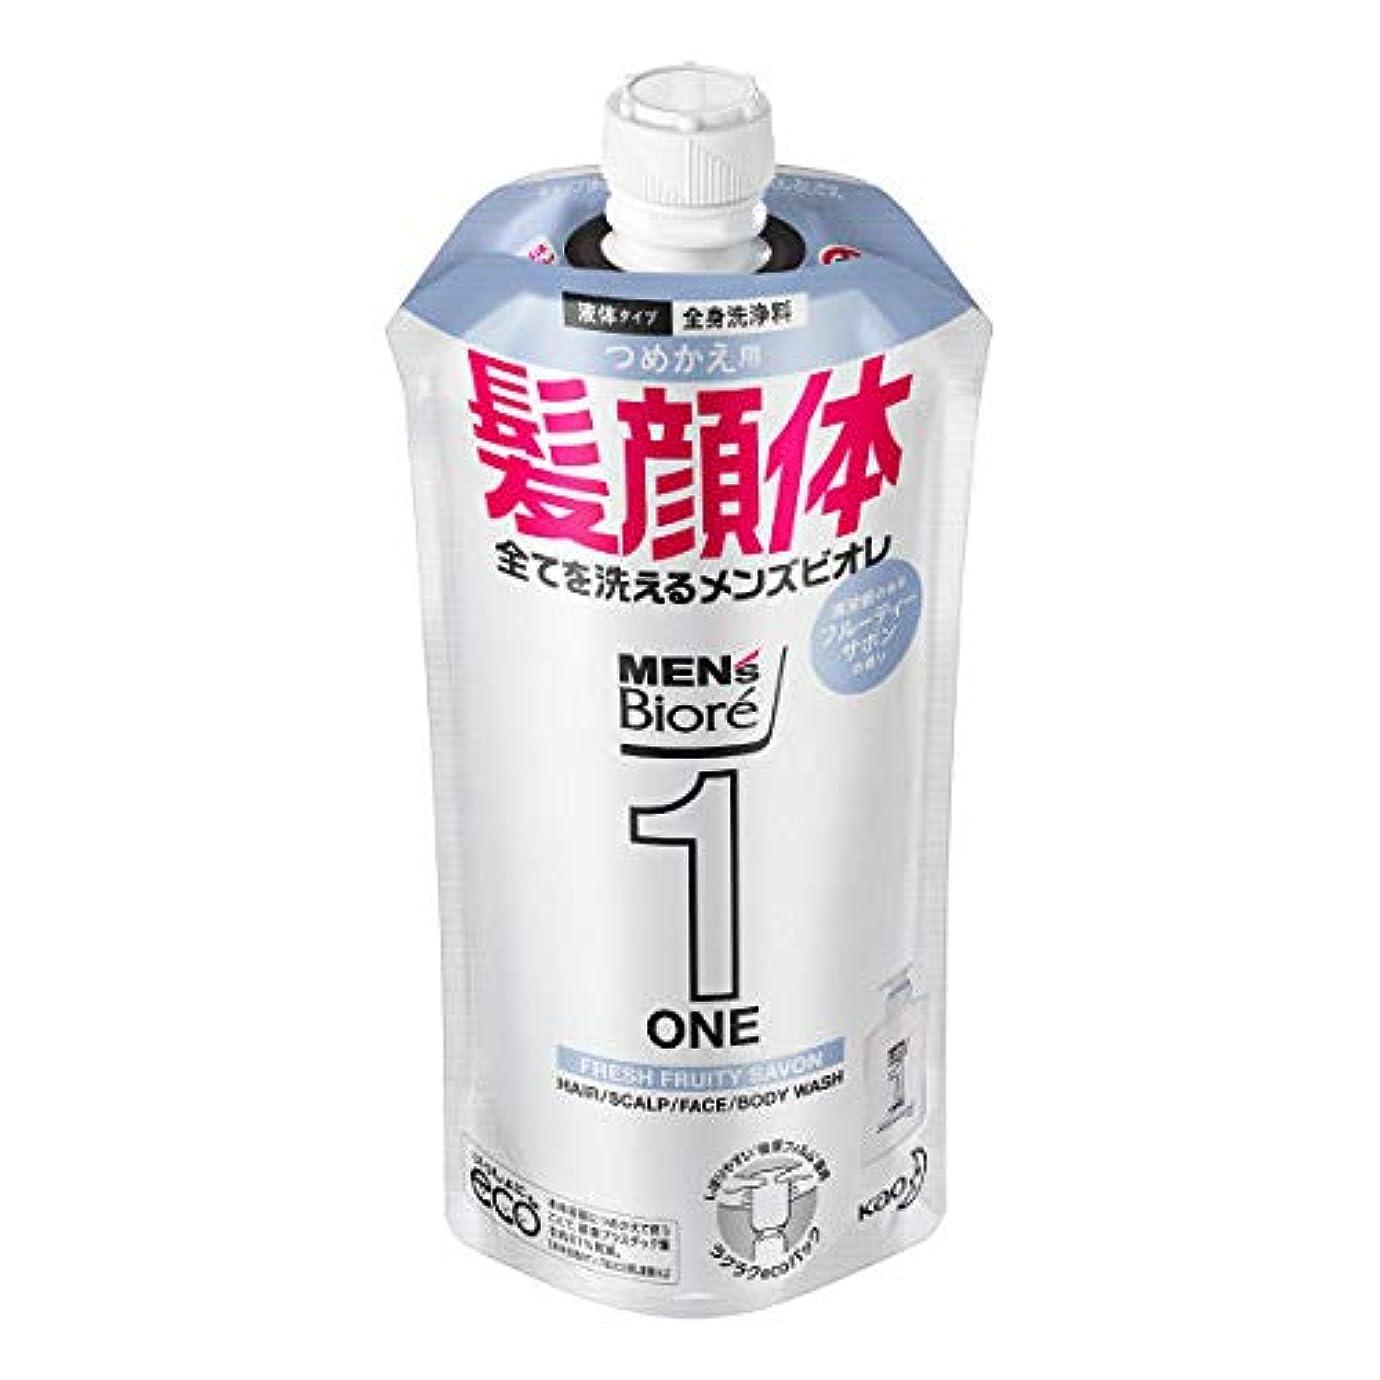 メンズビオレONE オールインワン全身洗浄料 清潔感のあるフルーティーサボンの香り つめかえ用 340mL